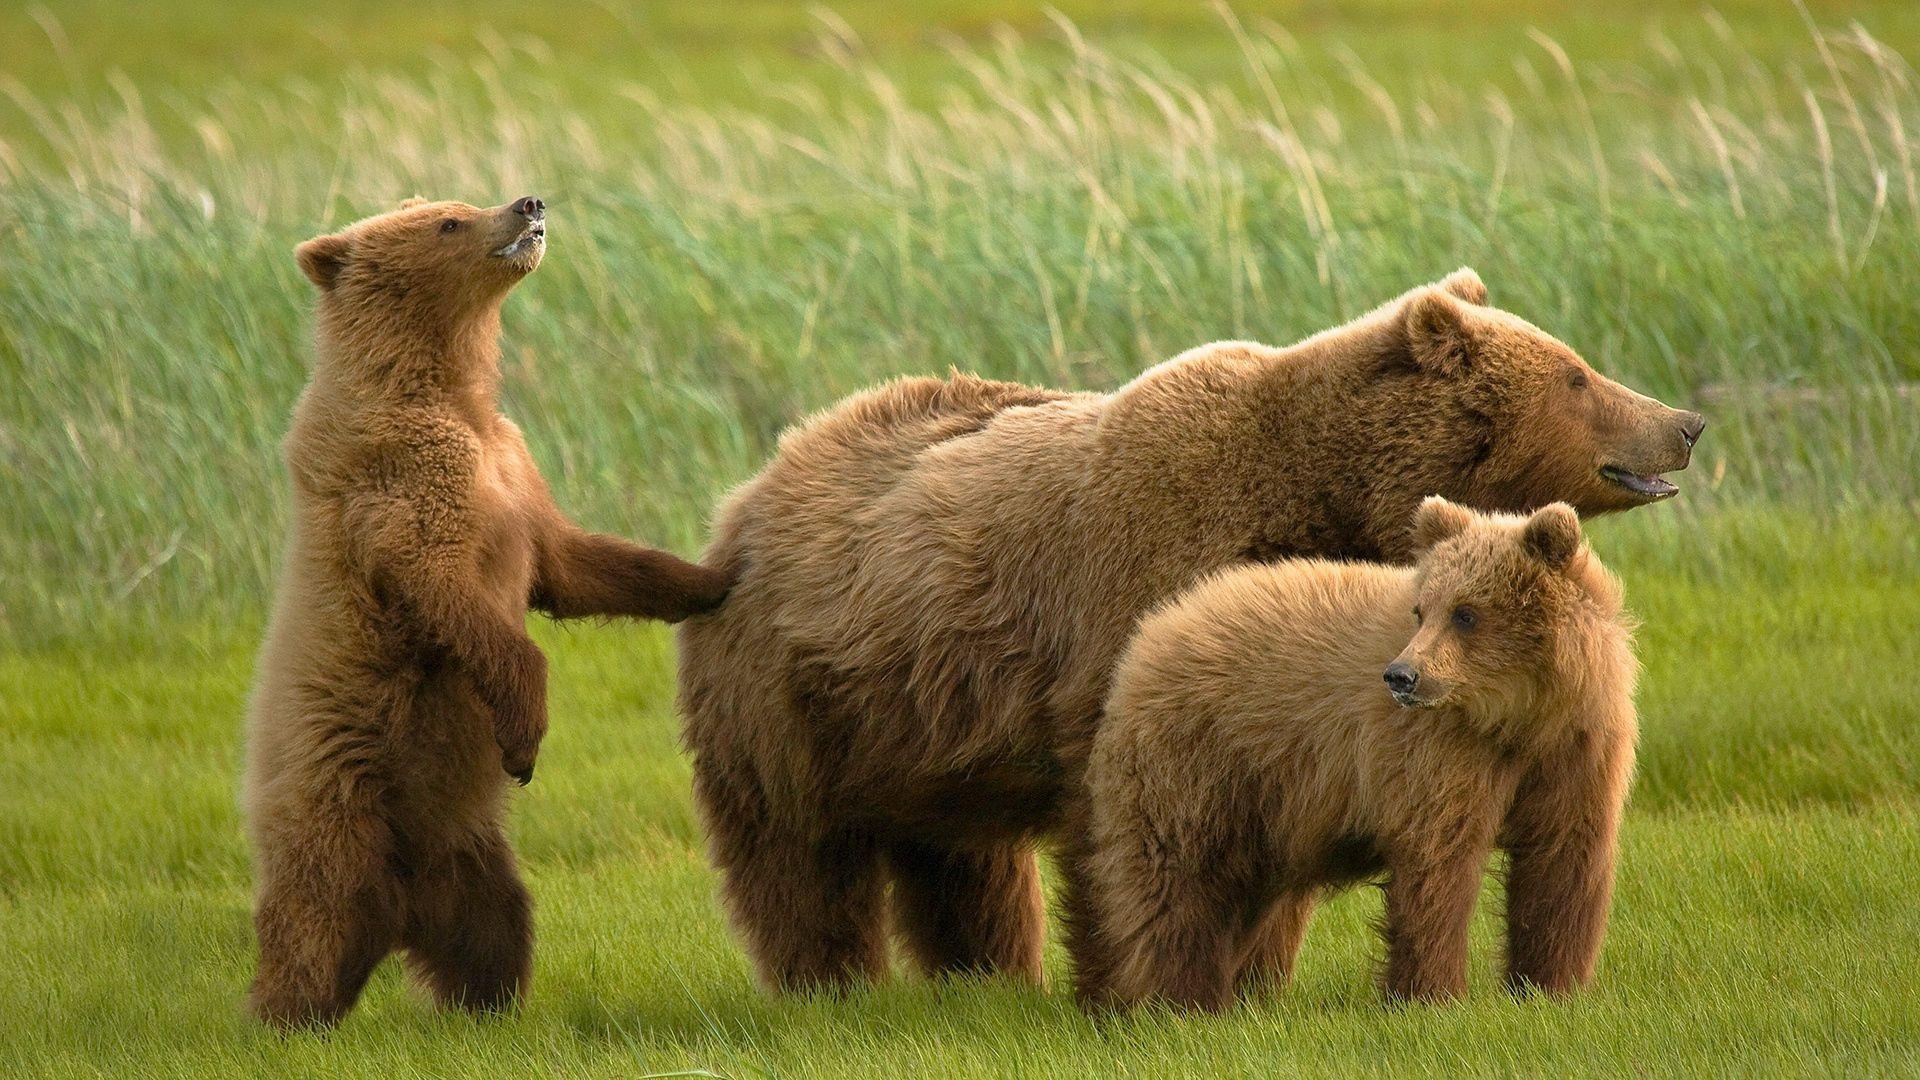 147613 Заставки и Обои Медведи на телефон. Скачать Медведи, Животные, Трава, Семья картинки бесплатно